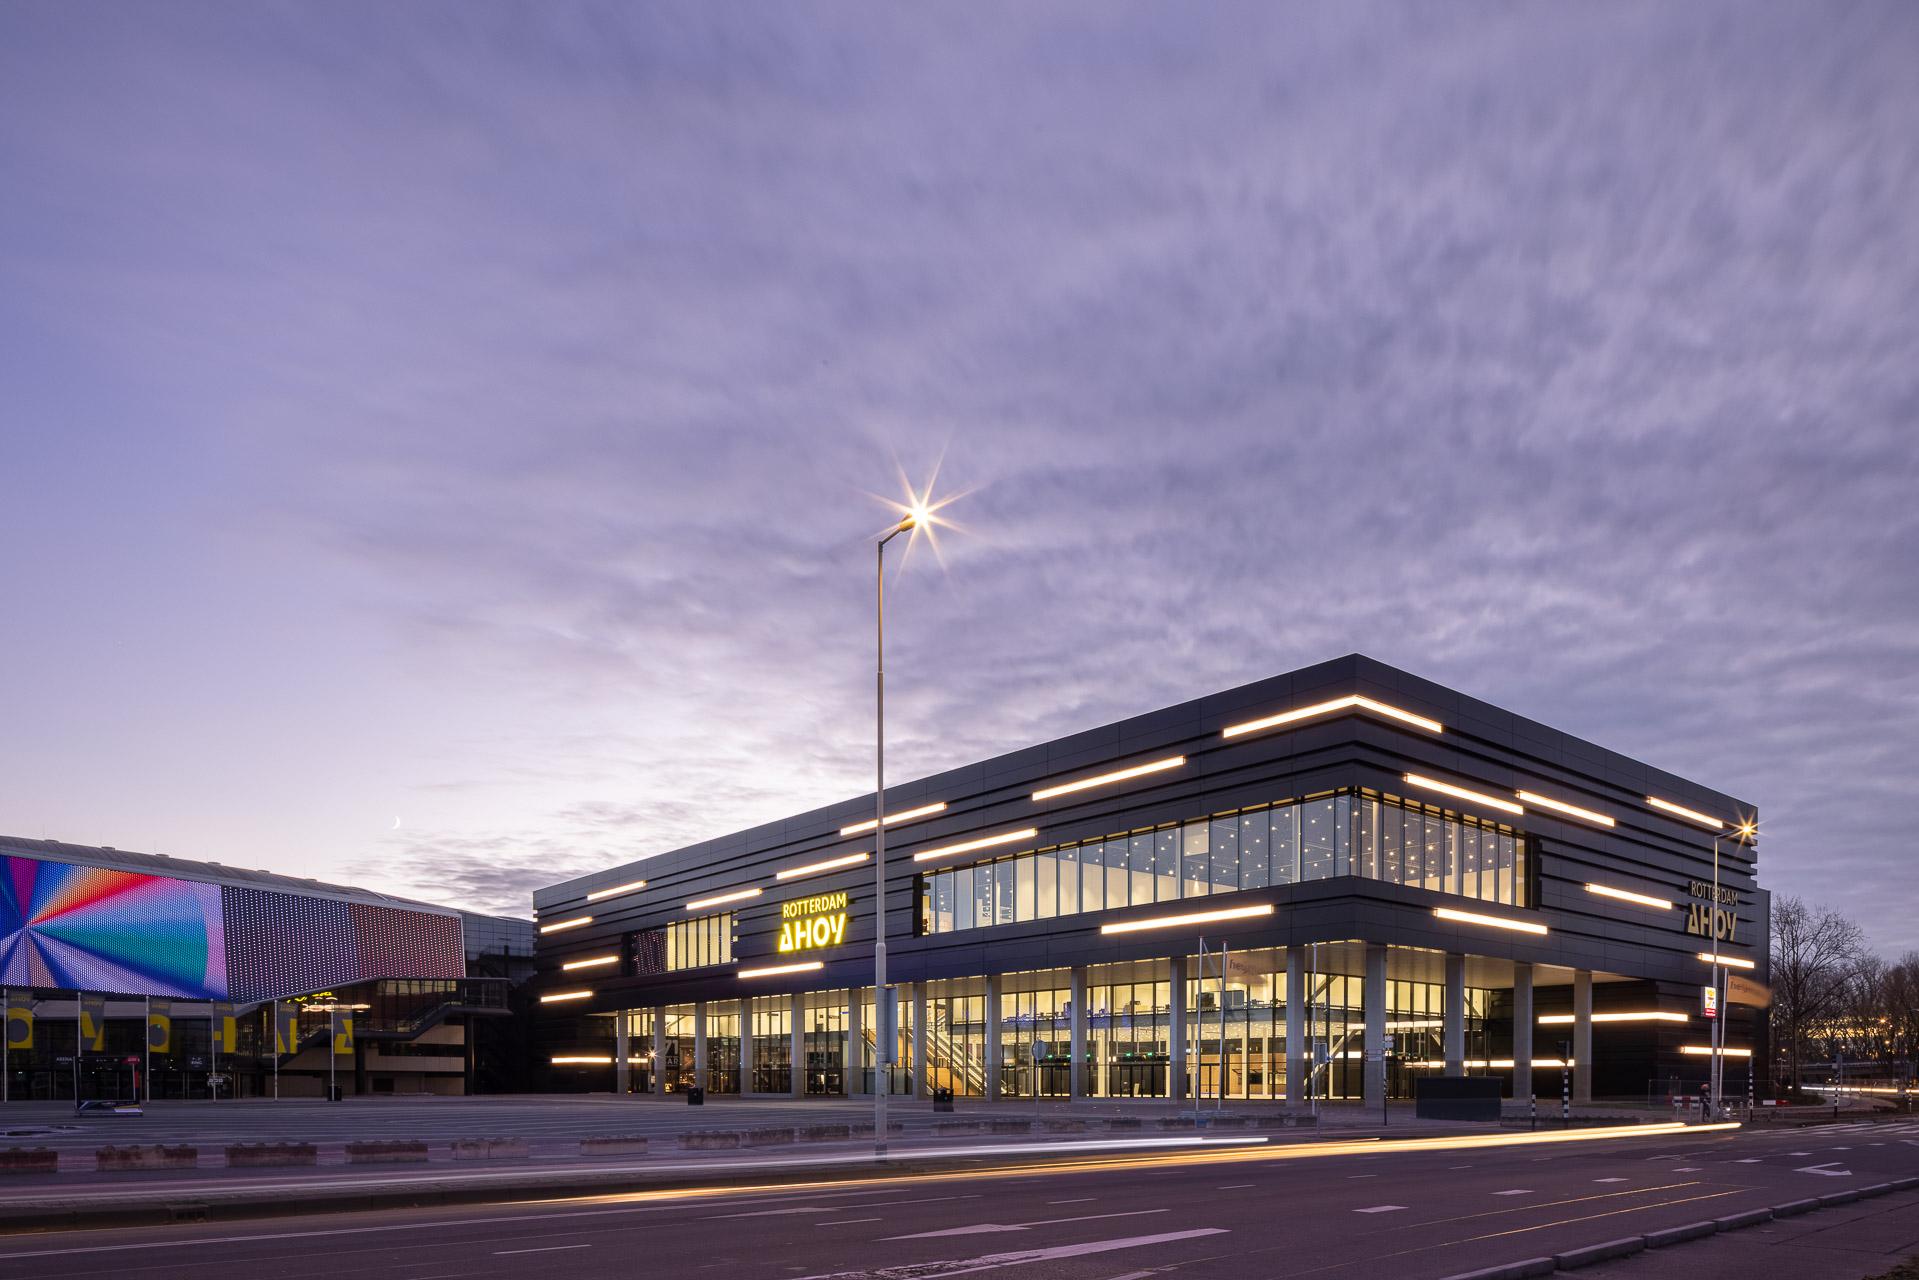 SP2020-Rotterdam-Ahoy-Convention-Centre-Exterieur-13-Architectuur-fotografie